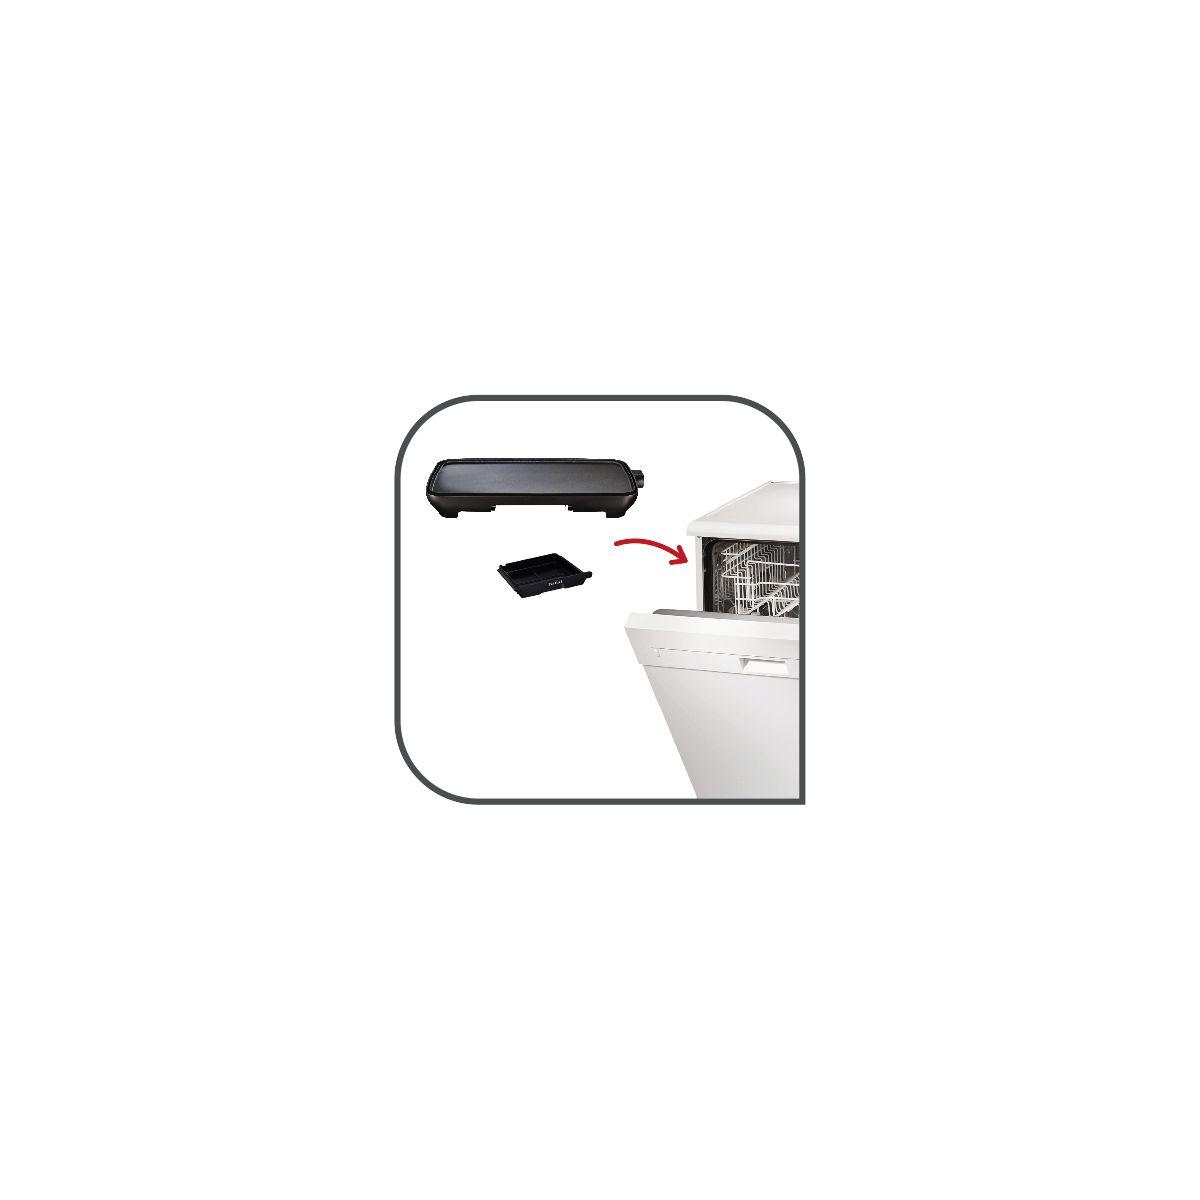 Plancha �lectrique tefal malaga cb501812 - 2% de remise imm�diate avec le code : priv2 (photo)